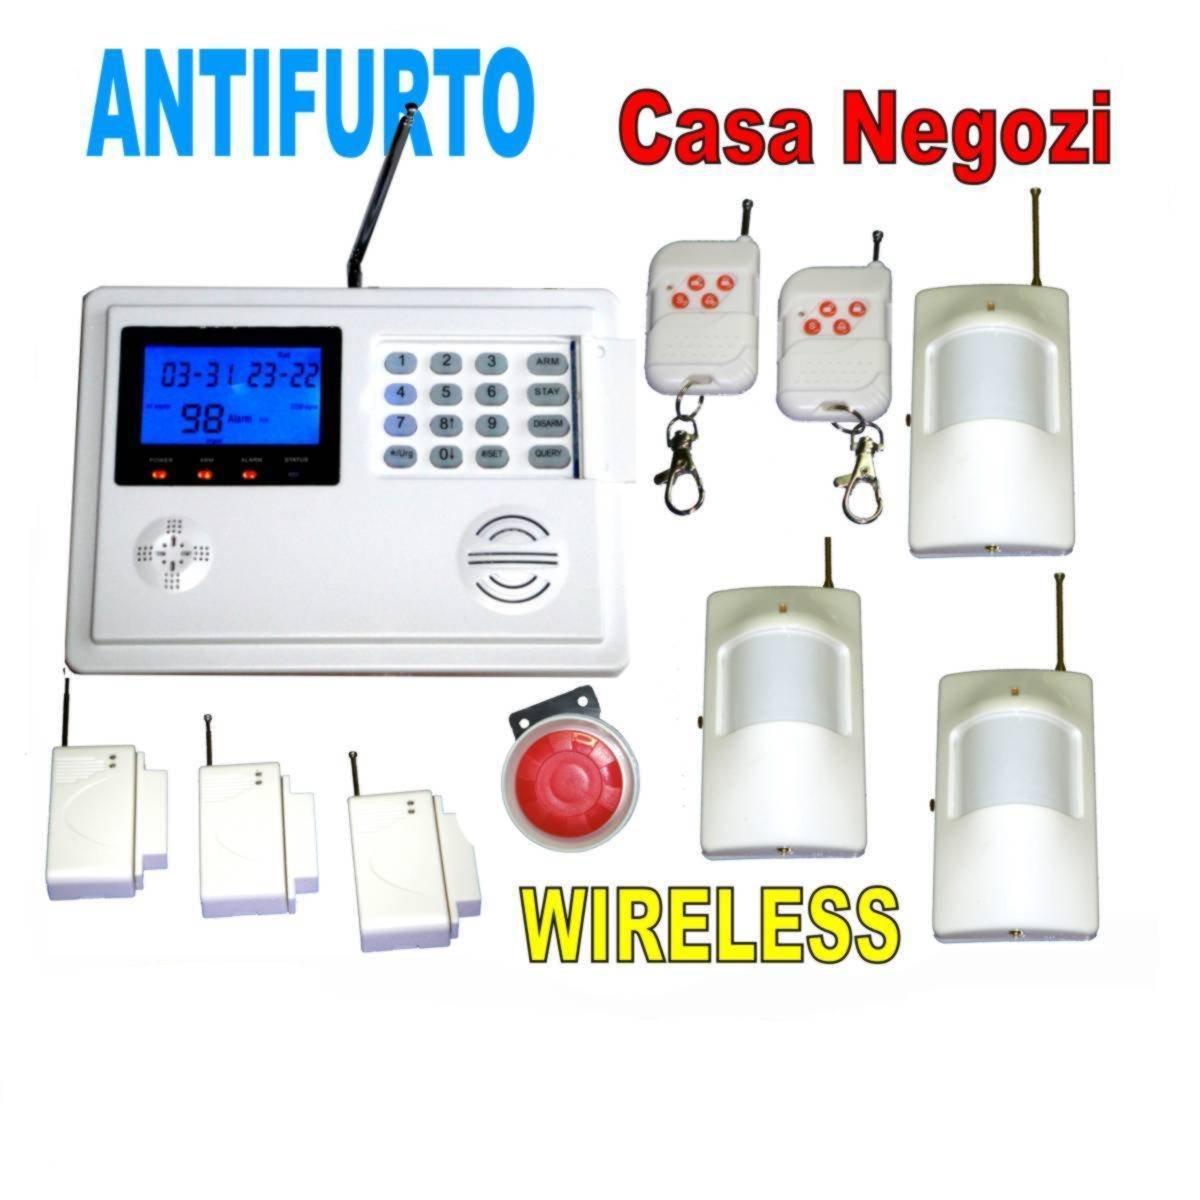 CS Elettroingros - Sistema de alarma GSM inalámbrica (línea telefónica, 6 sensores, 2 mandos a distancia): Amazon.es: Bricolaje y herramientas